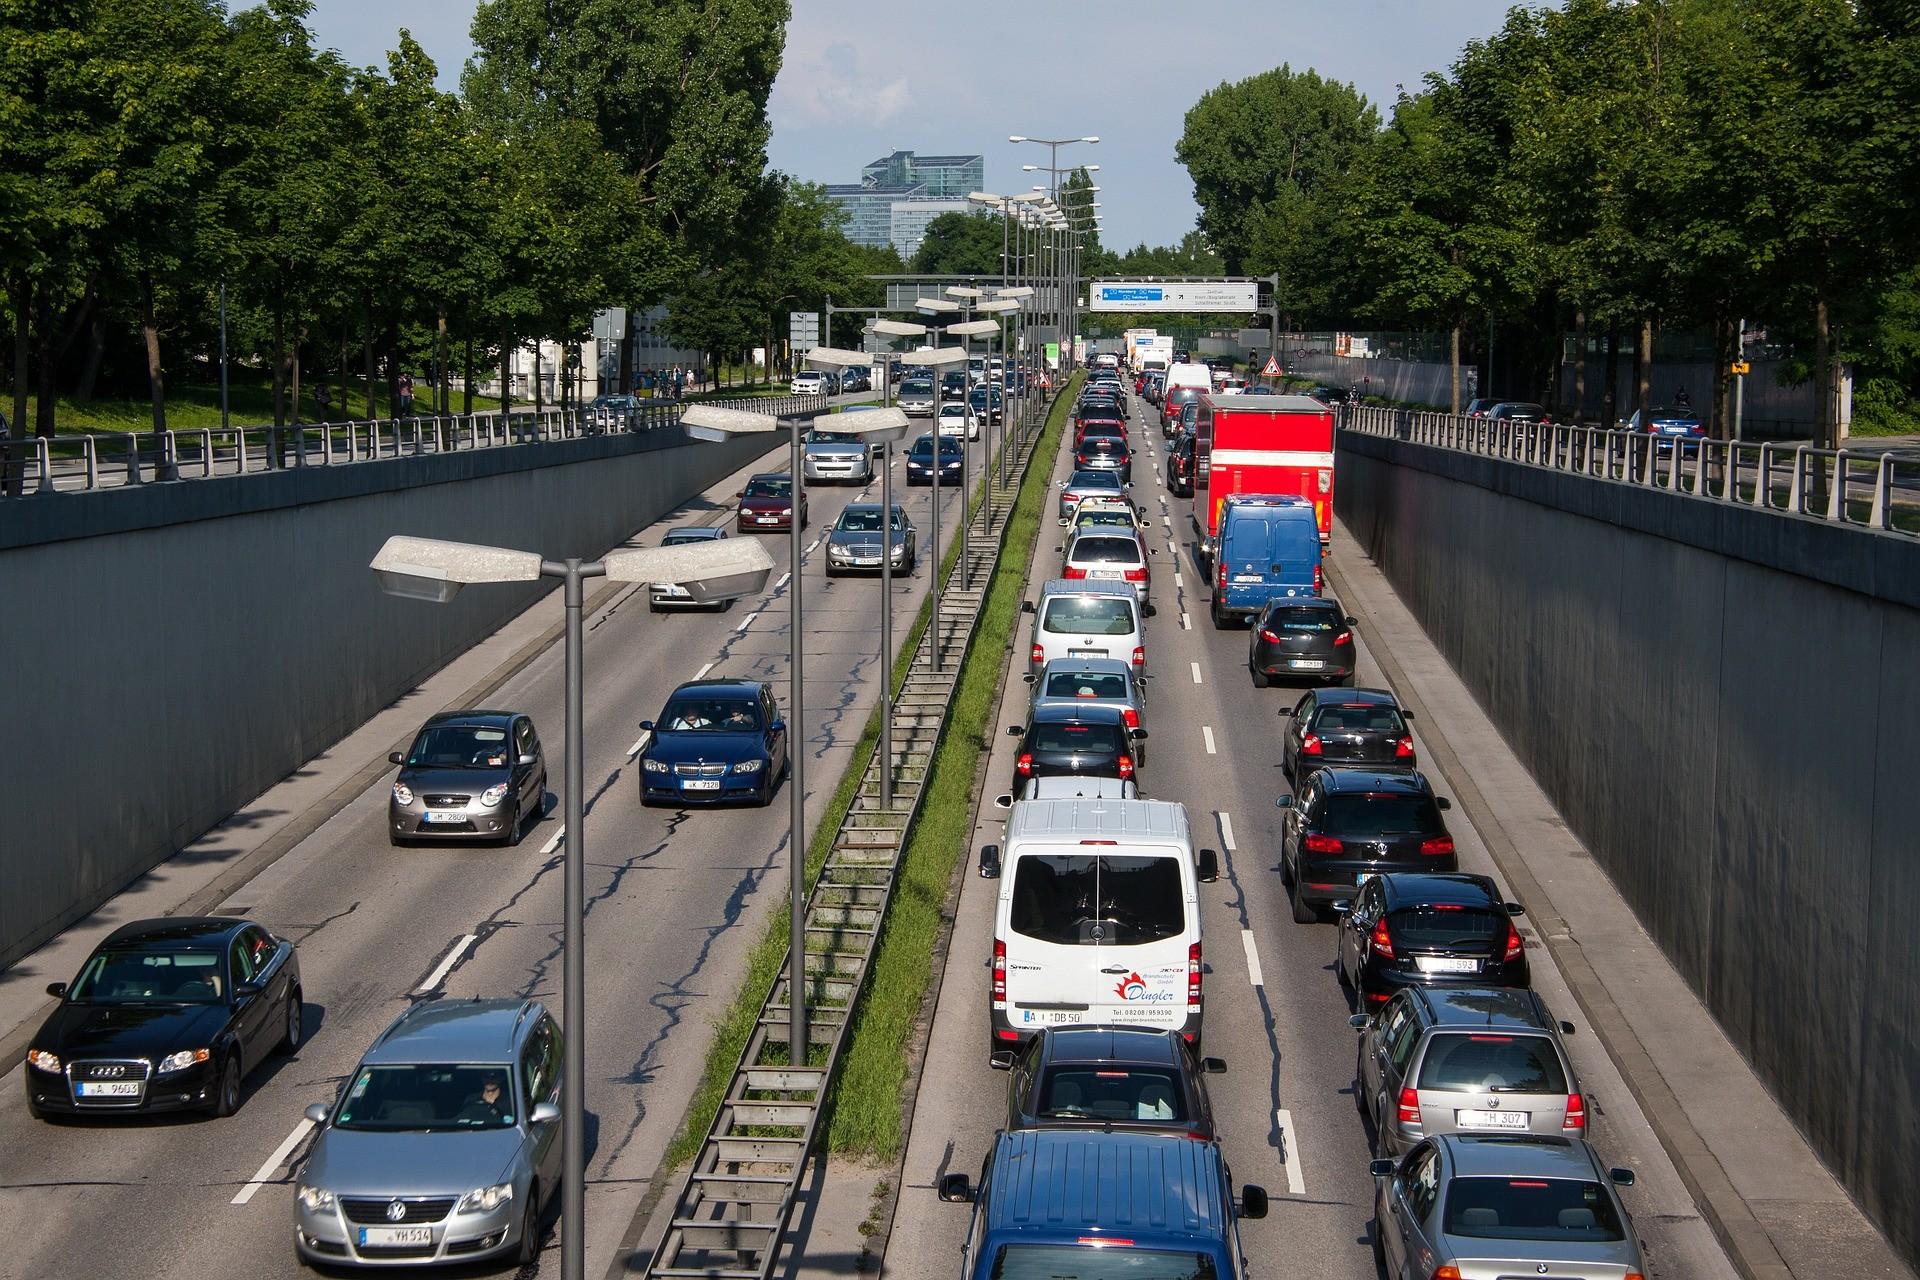 Así es el control inteligente del tráfico en una gran ciudad